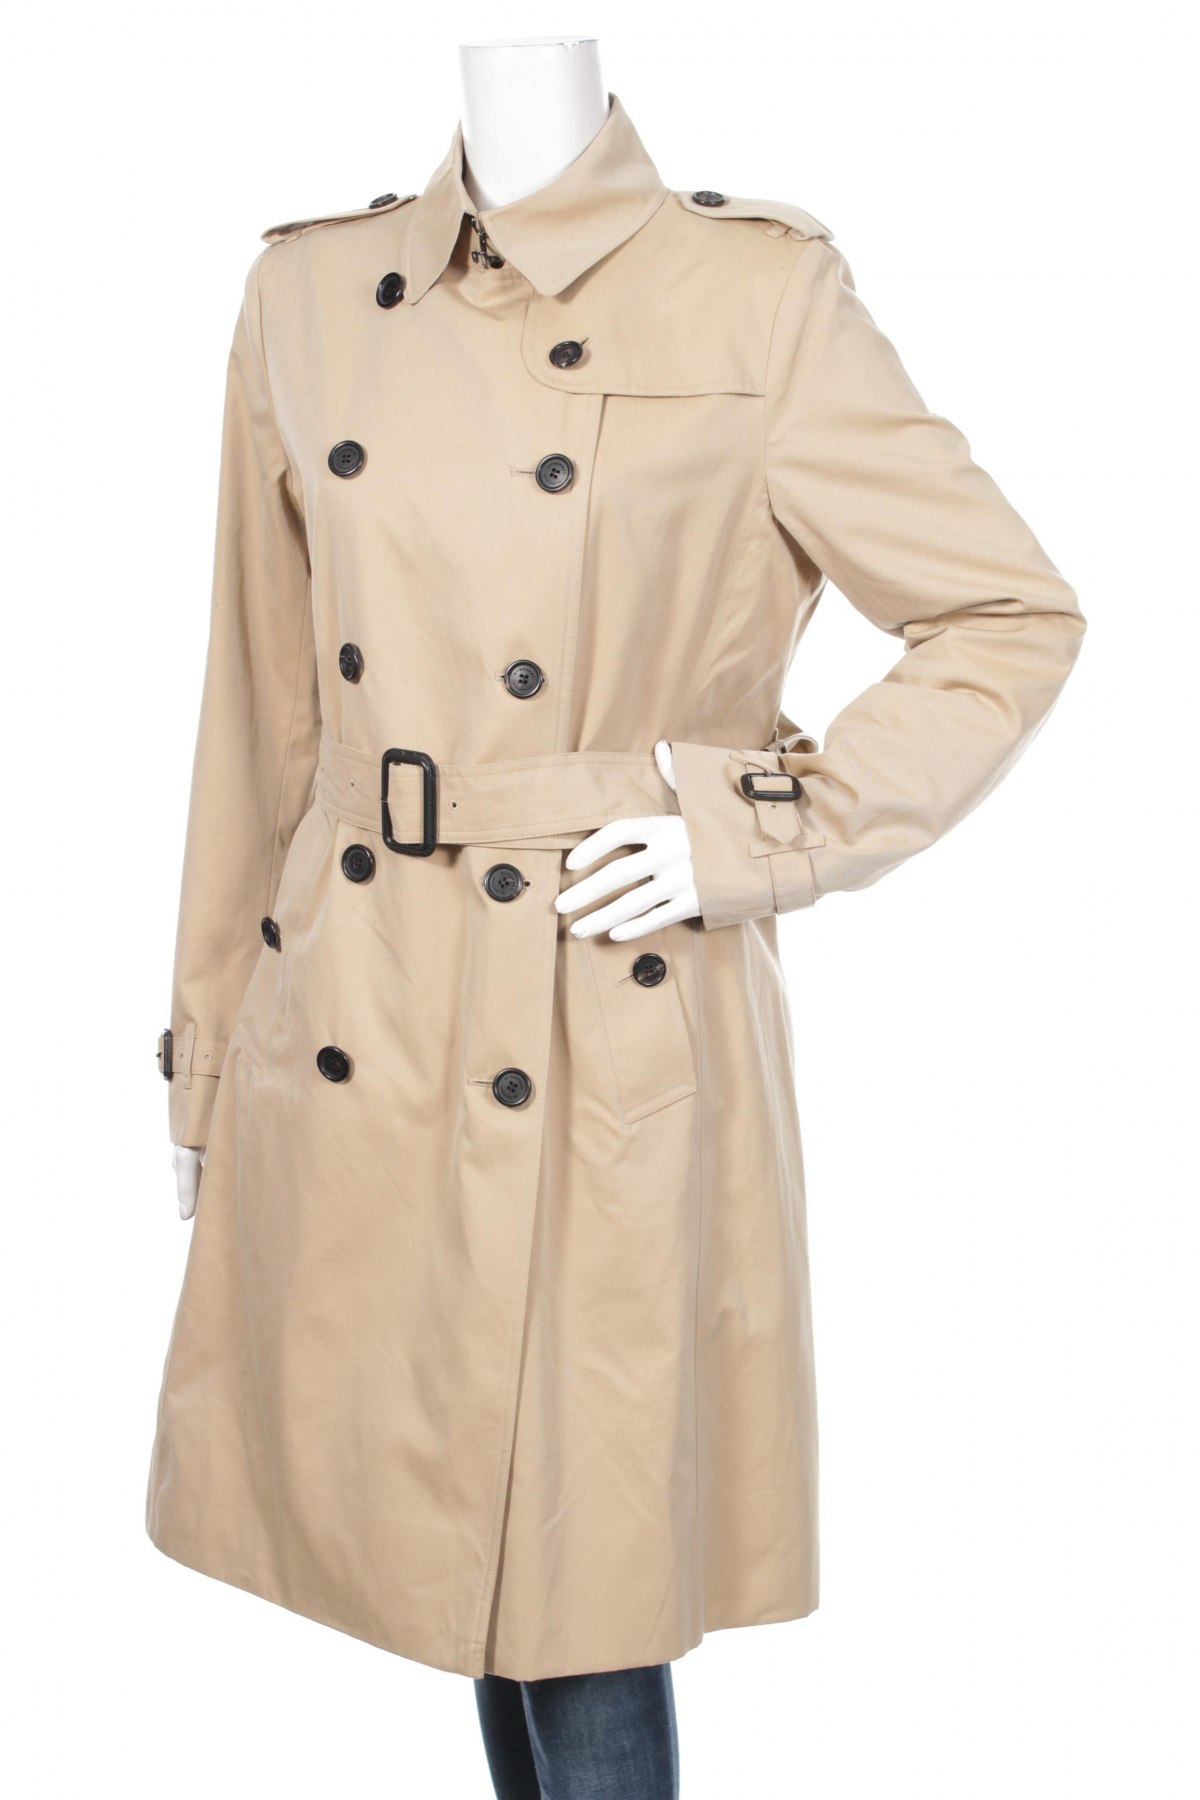 Dámsky prechodný kabát Burberry - za výhodnú cenu na Remix -  7996311 4fd0948de0d